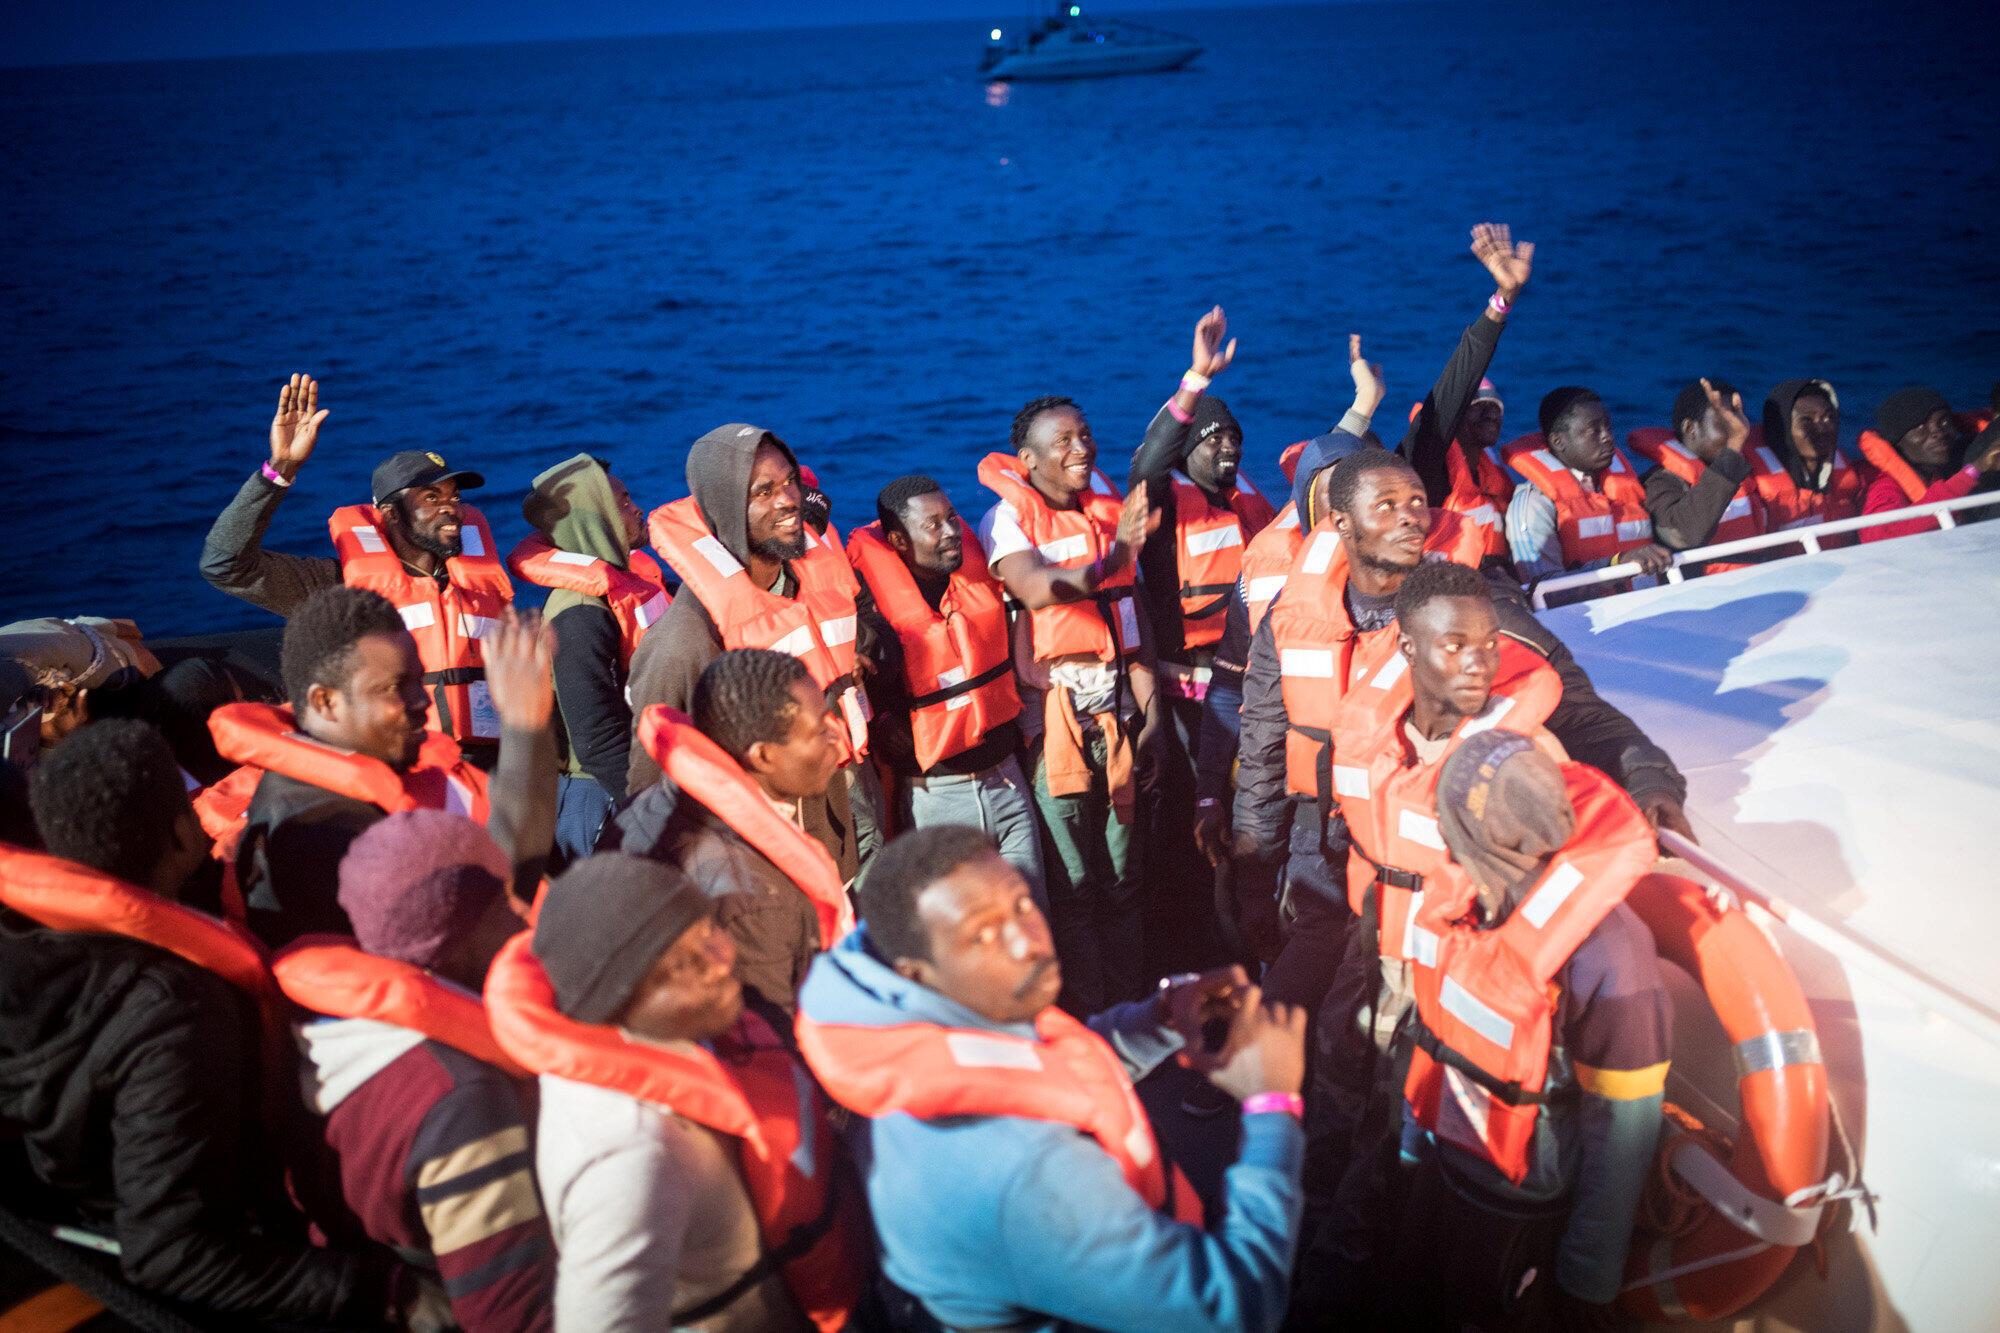 Des migrants transférés du navire humanitaire Sea Watch 3 vers un navire de la marine italienne se dirigeant vers l'île de Lampedusa, en Italie, le 19 mai 2019.